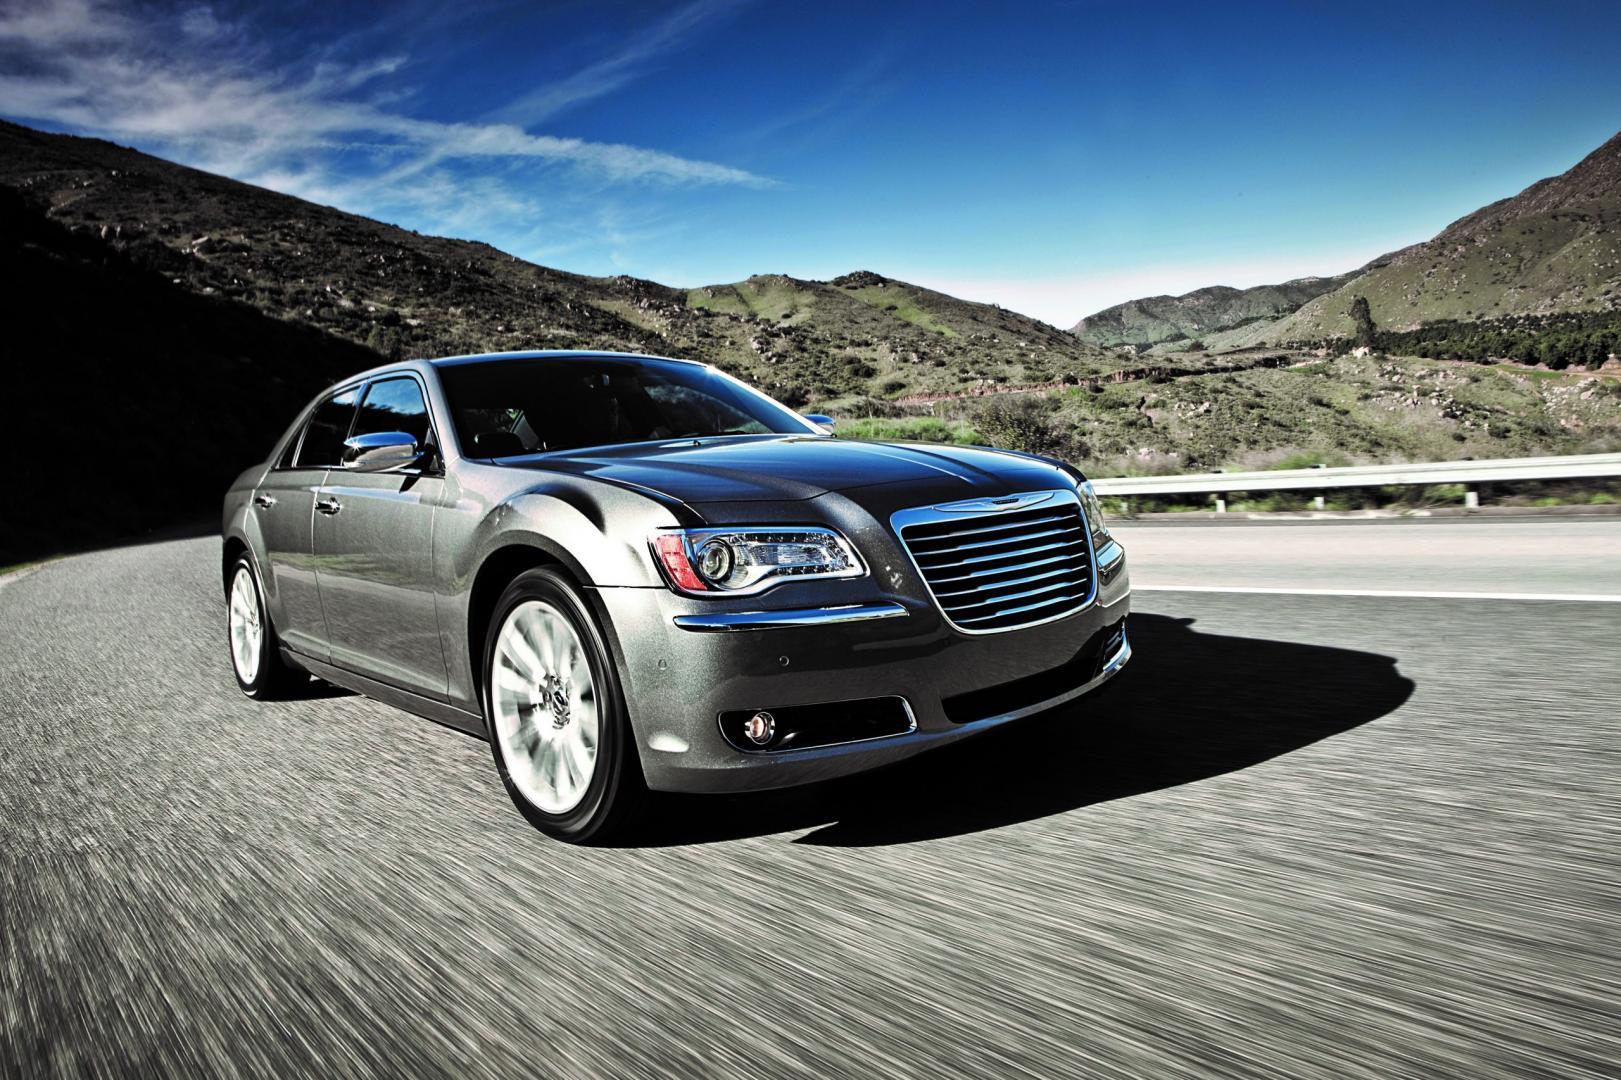 Chrysler 300C 3.6 V6 (2011)